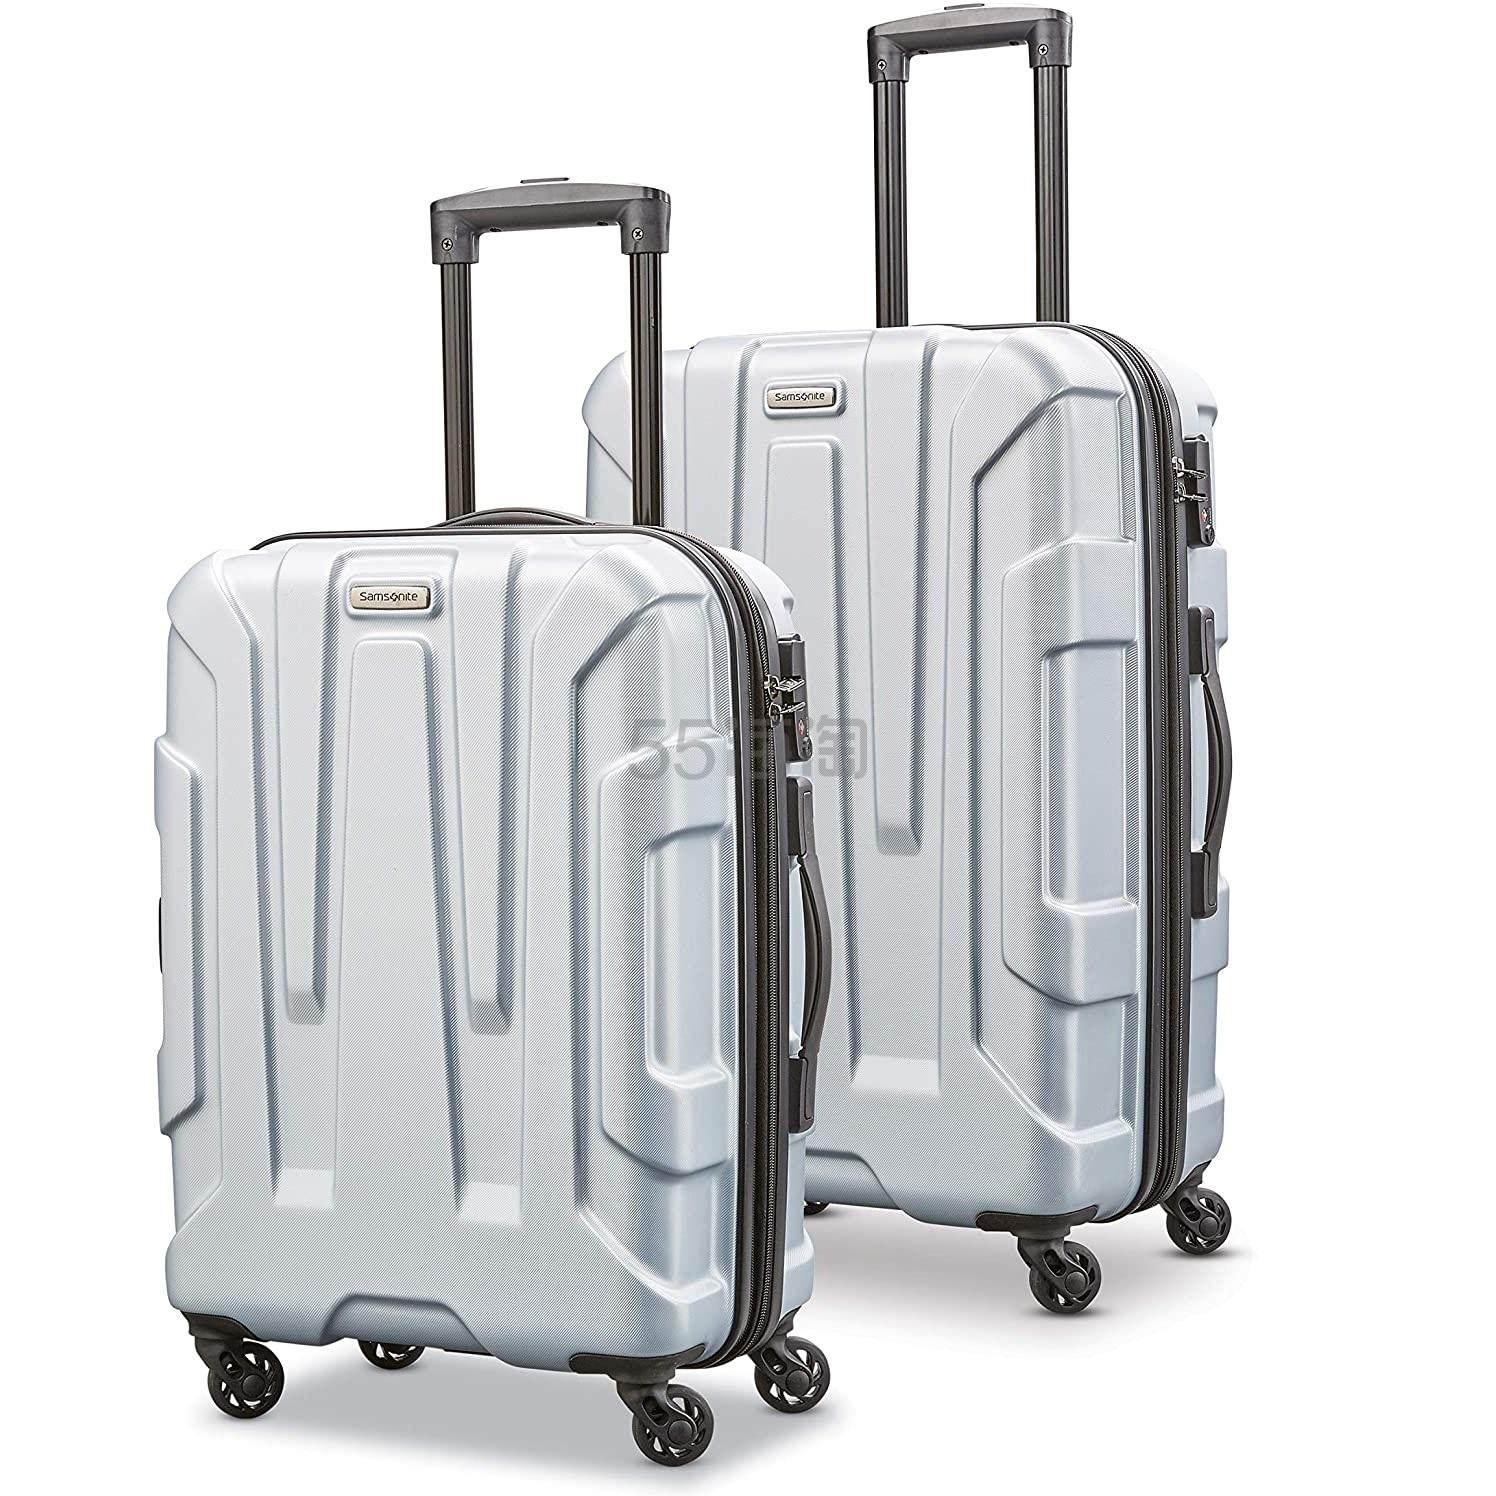 【中亚Prime会员免邮】Samsonite 新秀丽 Centric 万向轮行李箱2件套 20+24寸